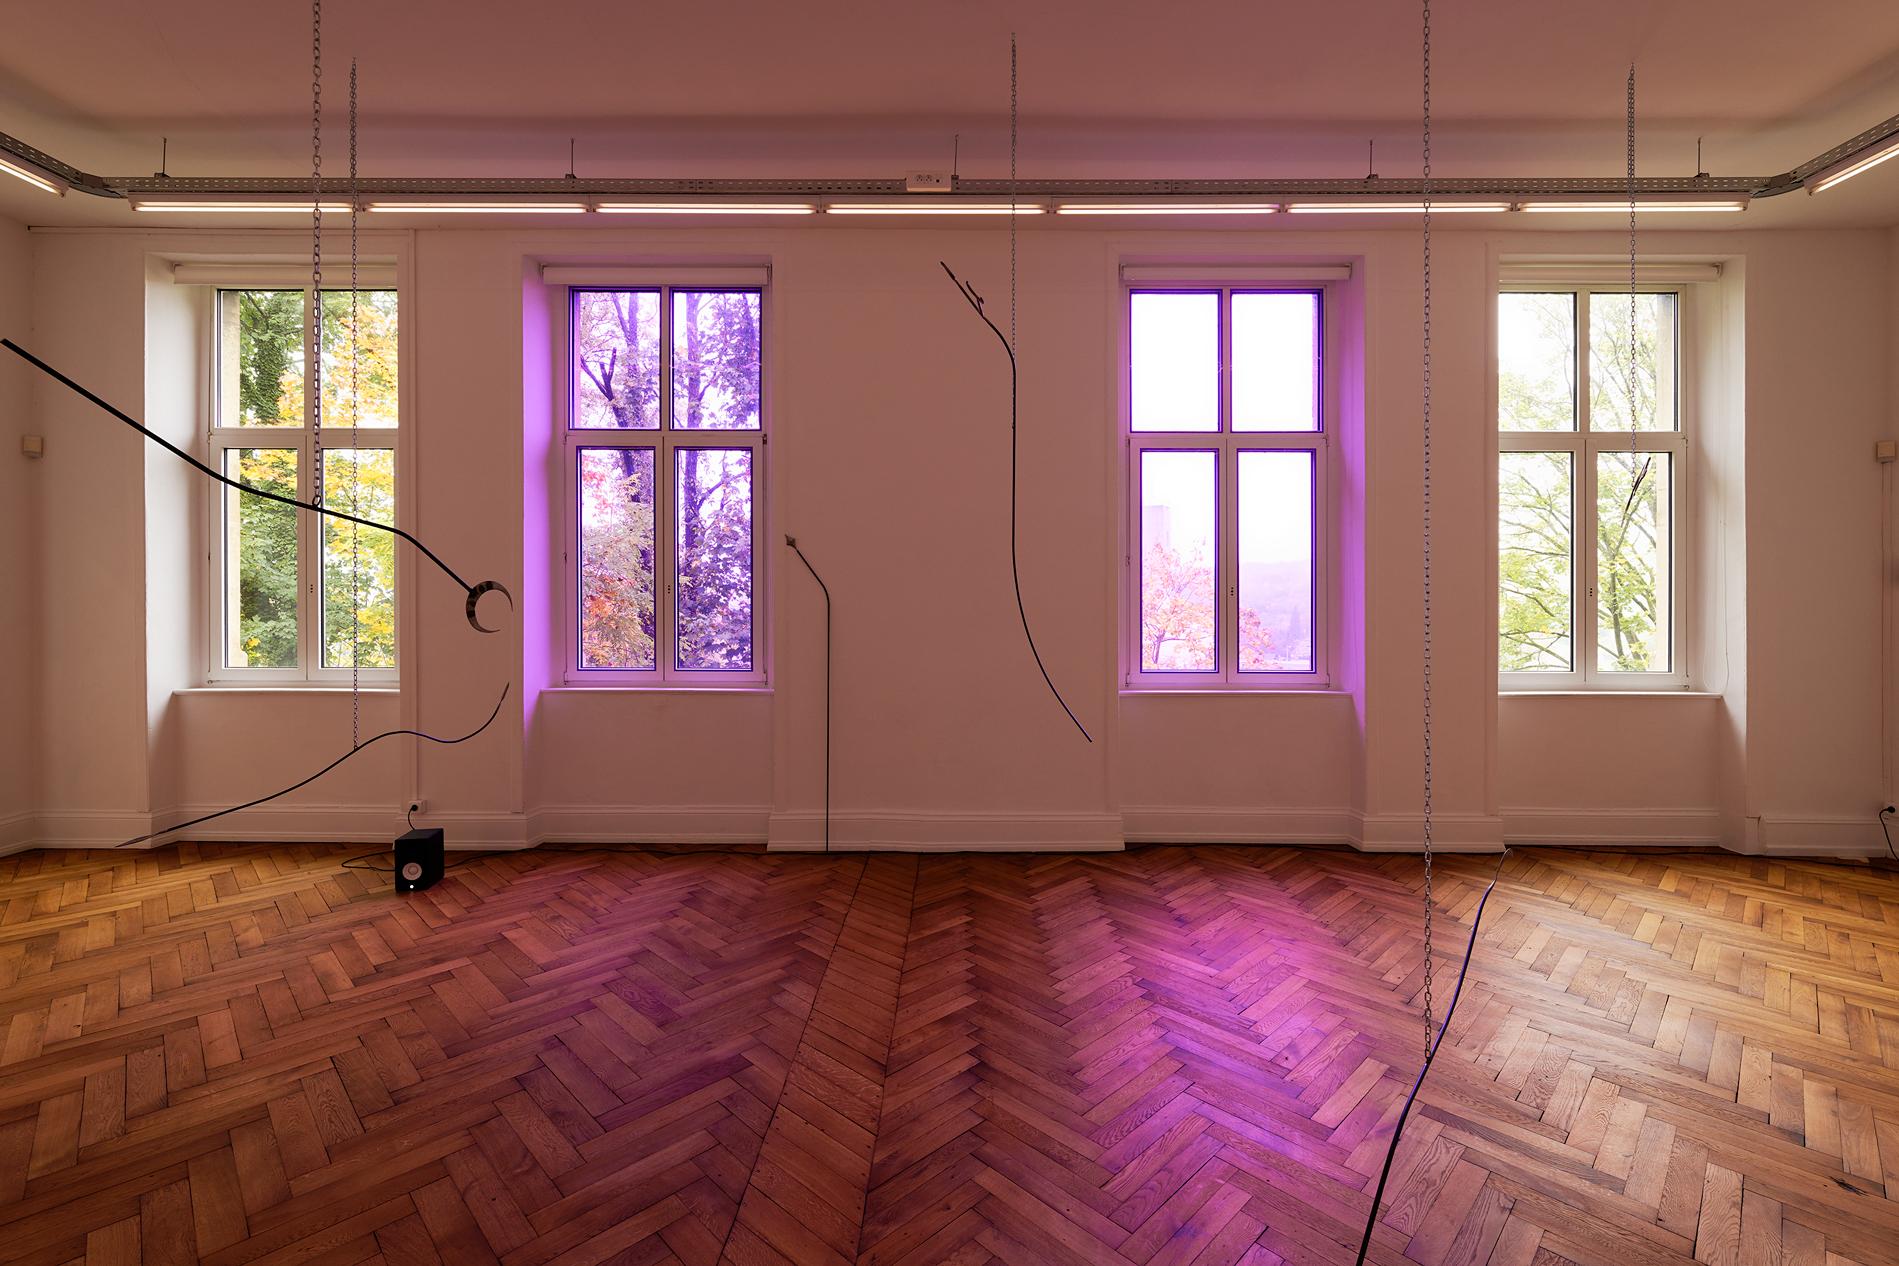 Tarek Lakhrissi, Unfinished Sentence, 2019. 10 metal spears, chains, colour filter, loud speakers. CRAC Alsace, Altkirch, FR. Photographer: Aurélien Mole.